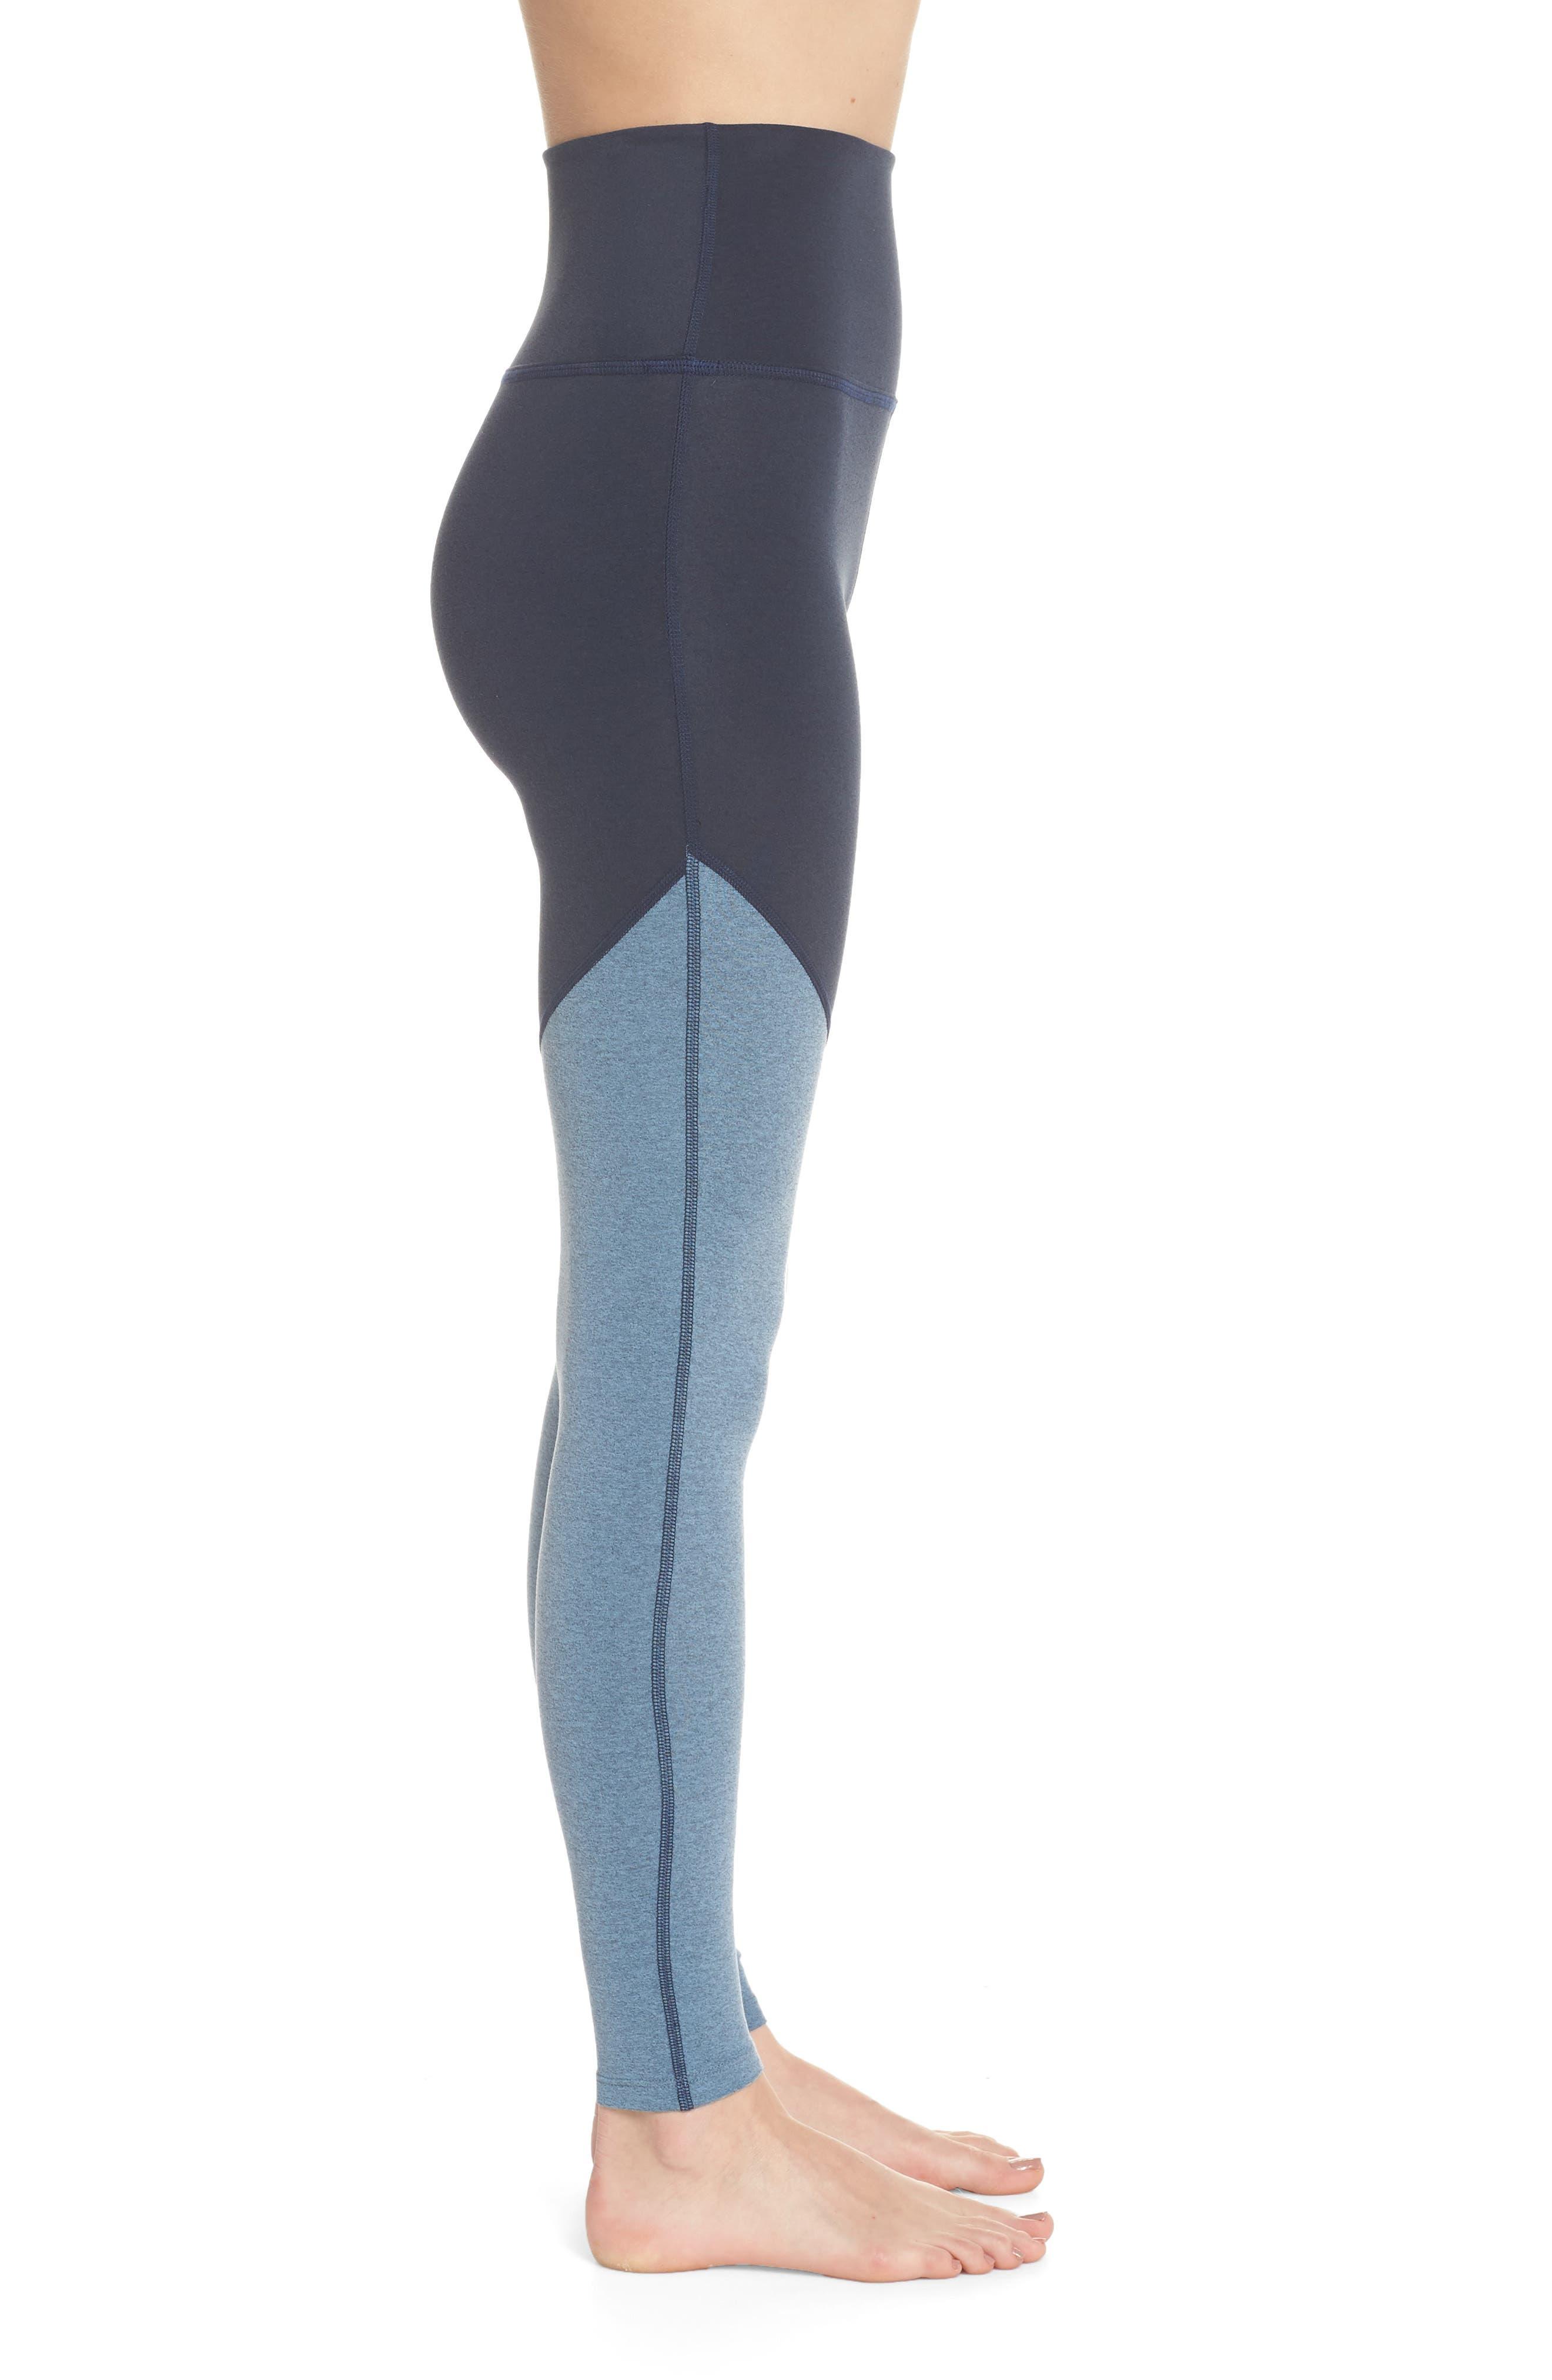 Angled High Waist Leggings,                             Alternate thumbnail 3, color,                             NOCTURNAL NAVY/ LIGHT BLUE